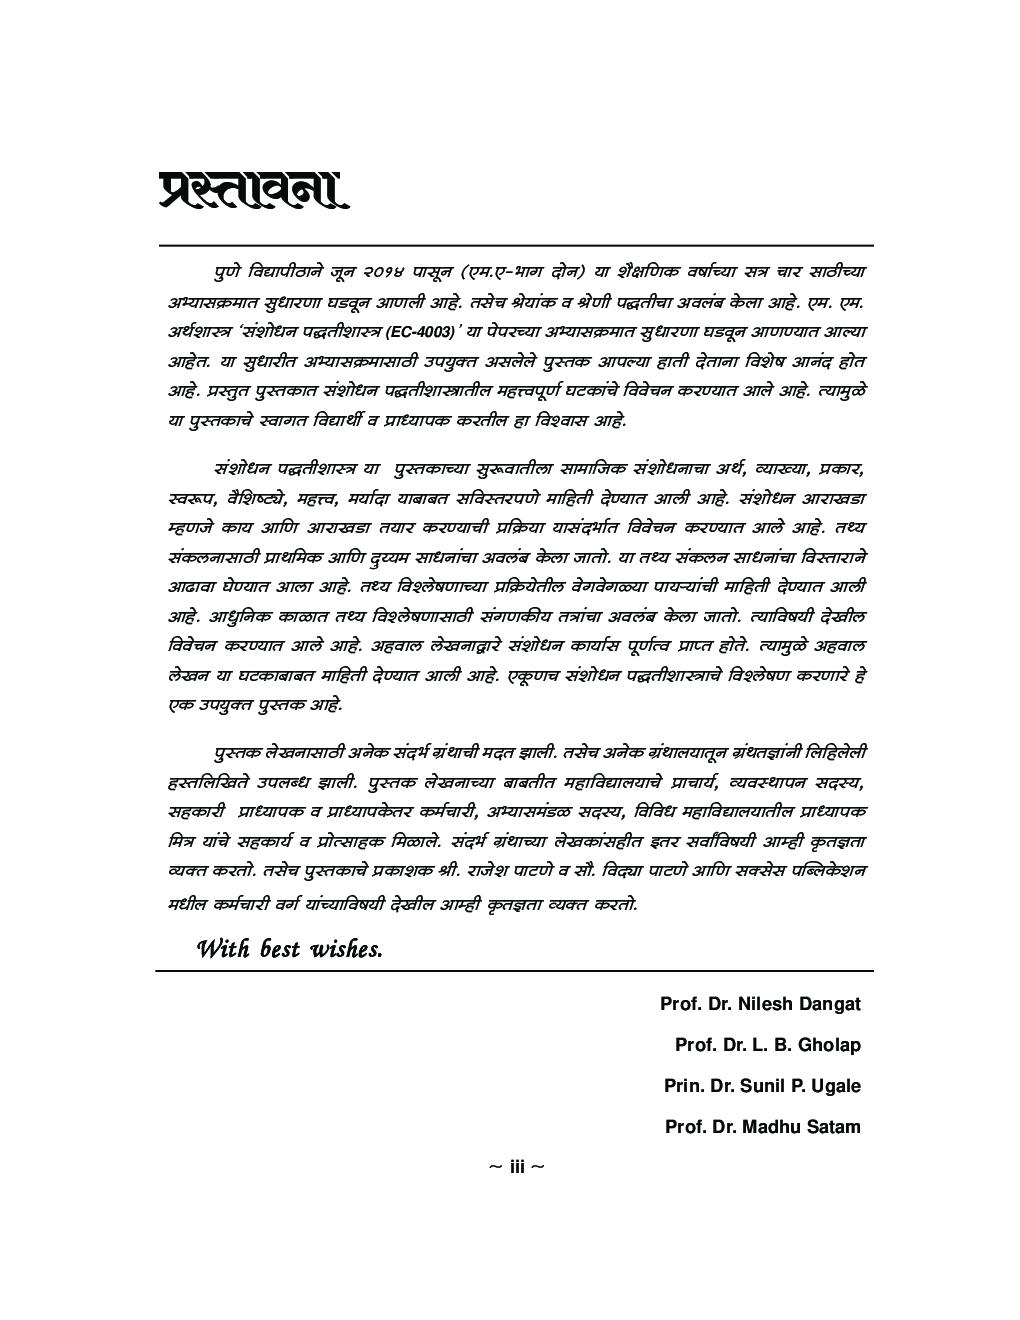 अर्थशास्त्र (संशोधन पध्दतिशास्त) - Page 4